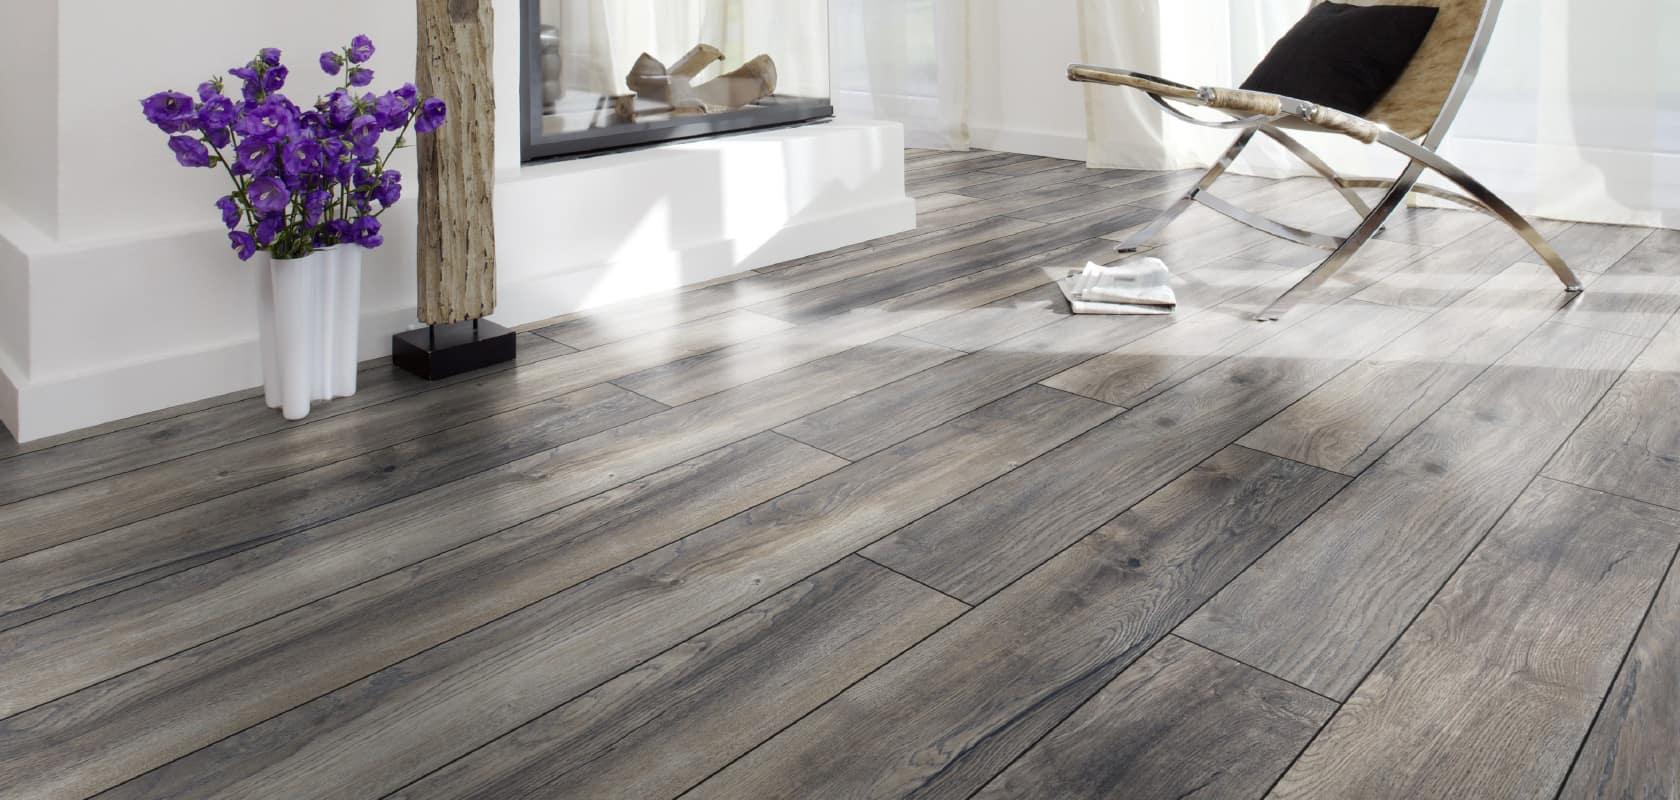 blog - los mejores consejos de 2021 para mantener limpios y pulidos sus pisos de madera